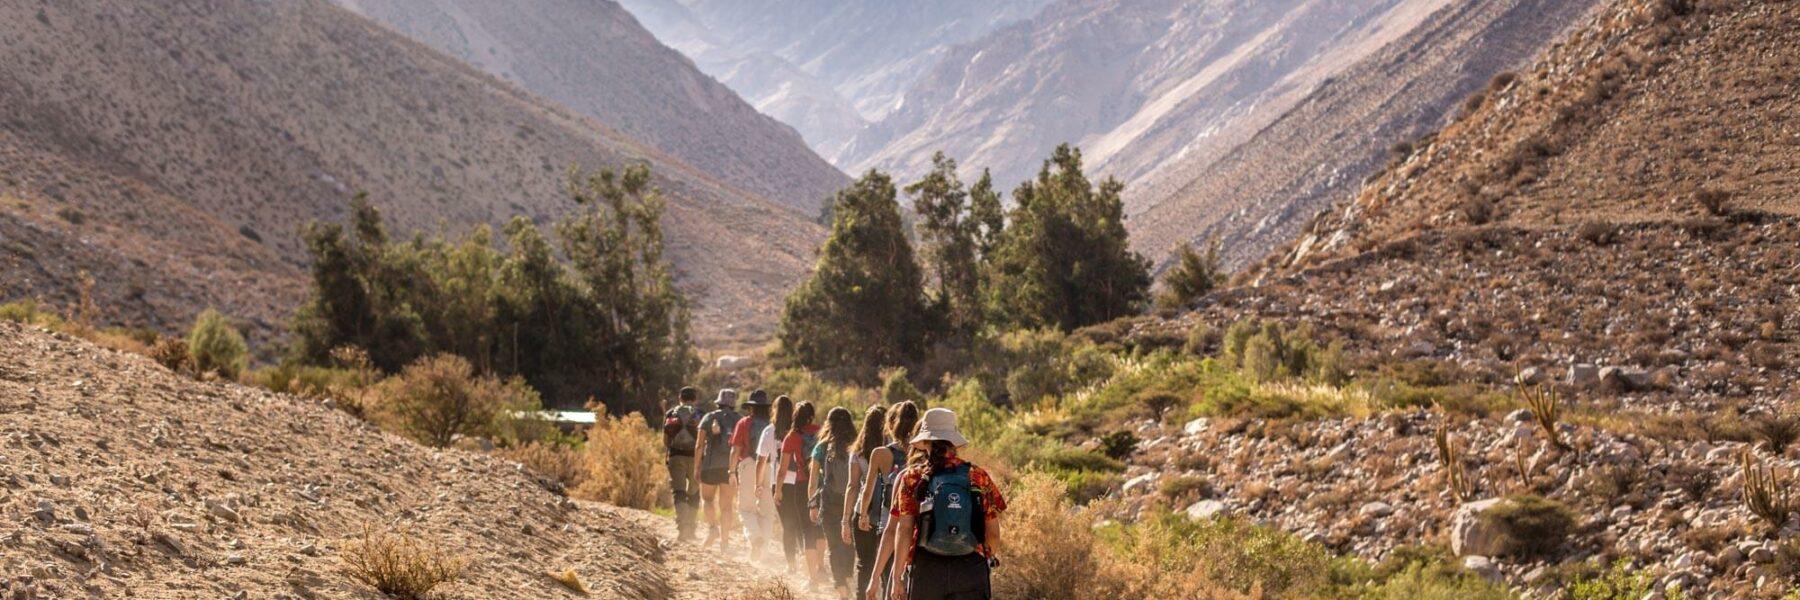 Grupo de personas caminando hacia una montaña